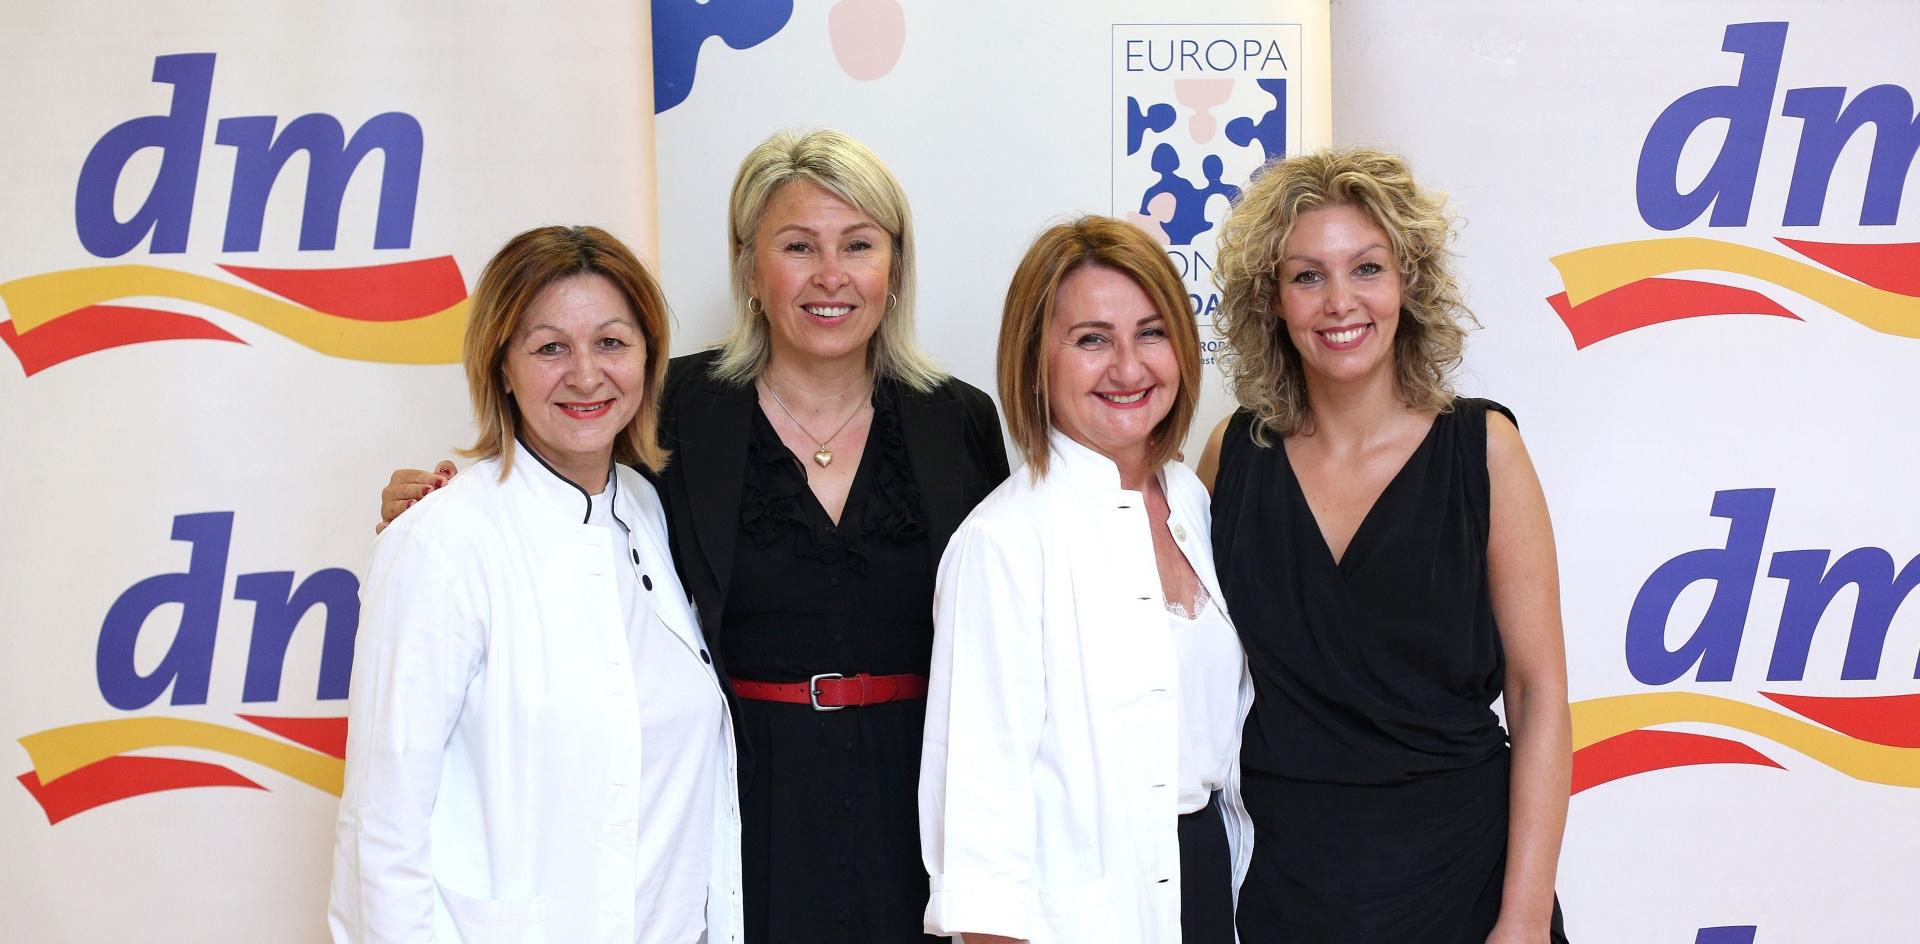 Sudionici i sudionice dm ženske utrke osigurali donaciju za Europa Donnu Hrvatska